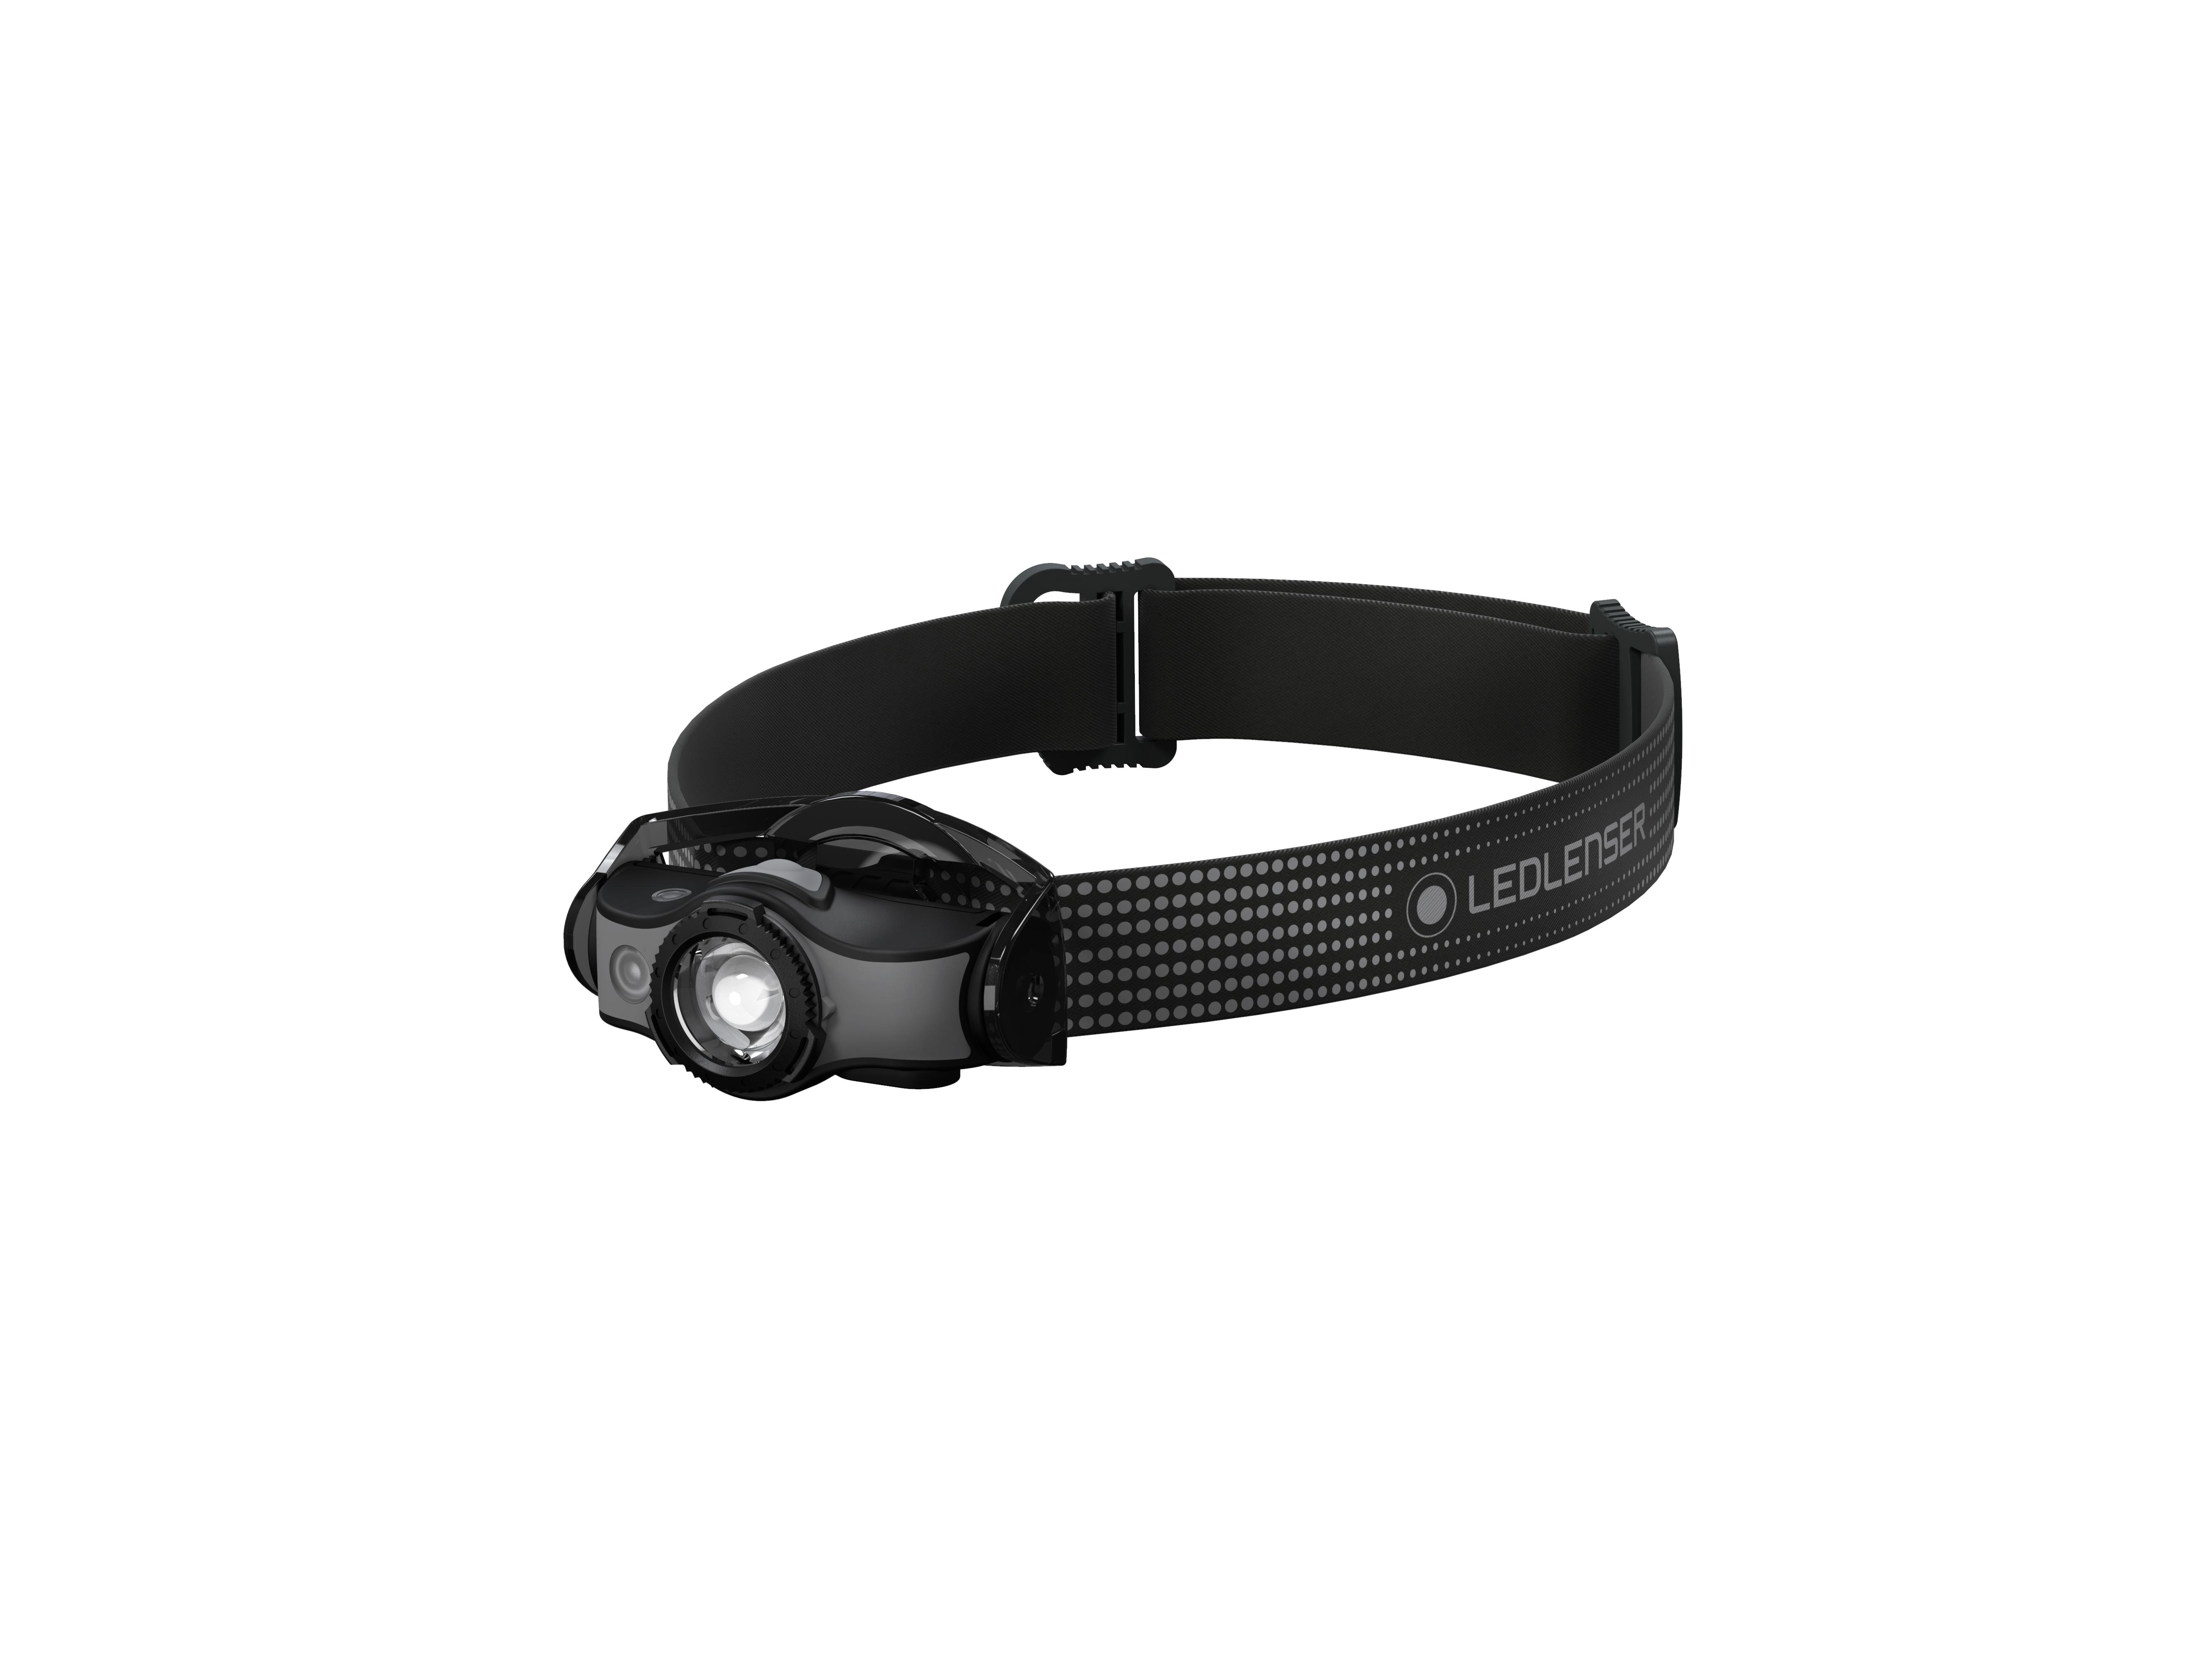 Ledlenser Stirnlampen - MH5 in schwarz